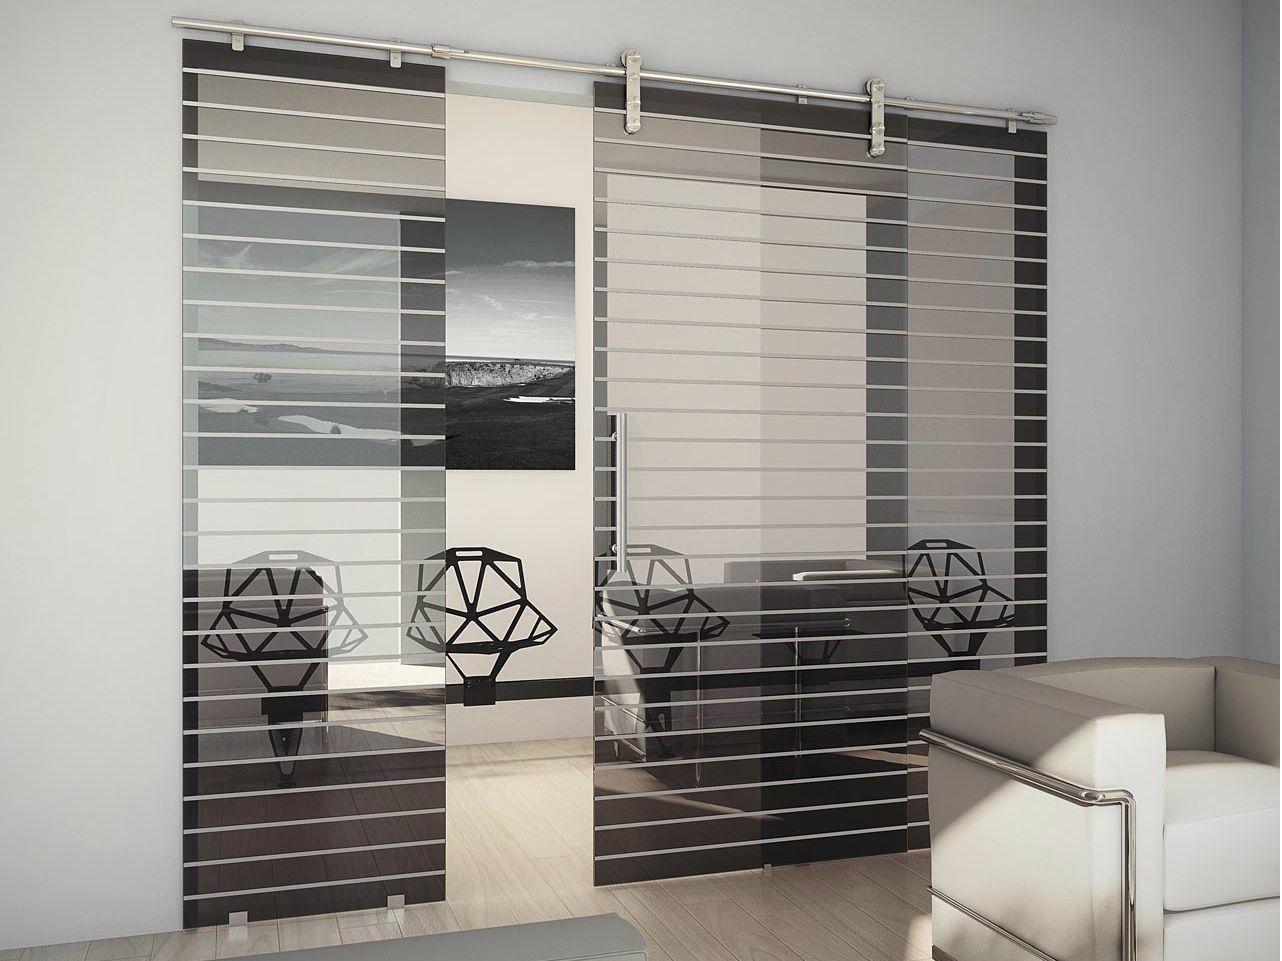 Puerta corrediza de vidrio tekno uno by foa - Puertas cristal interior ...